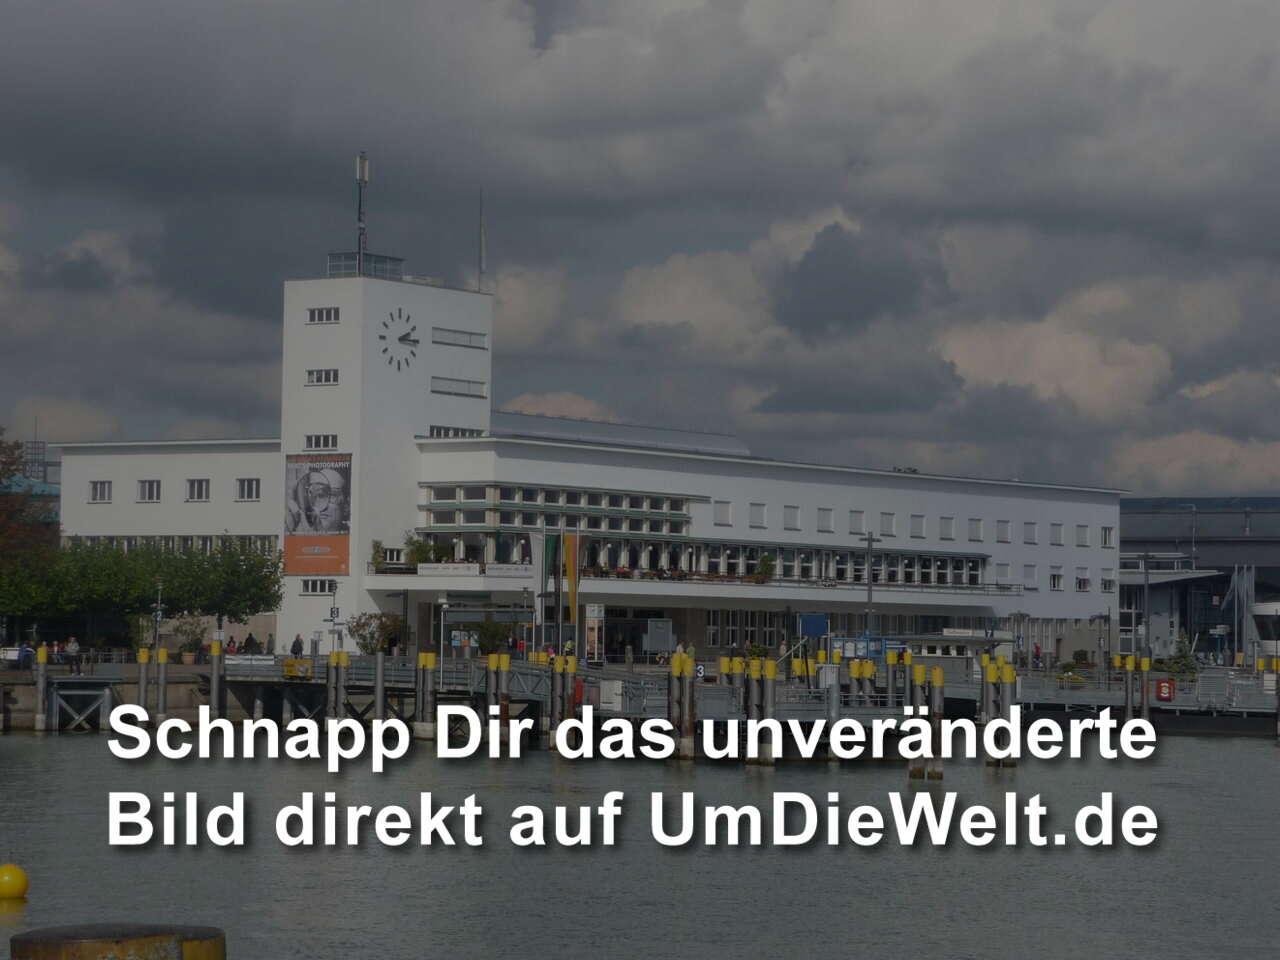 deutschland reisebericht friedrichshafen und zeppelin teil 1. Black Bedroom Furniture Sets. Home Design Ideas